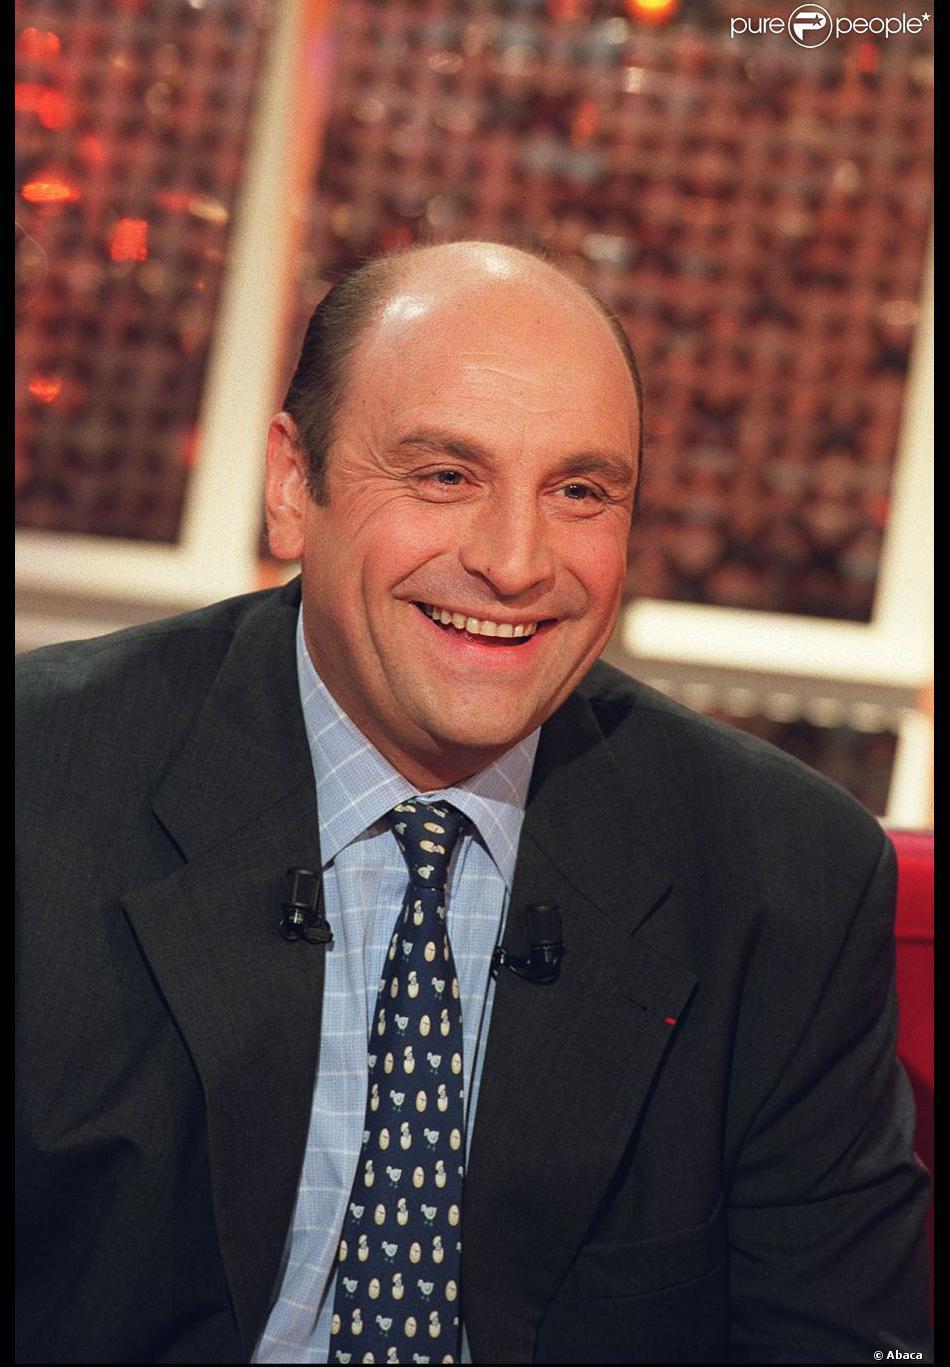 Bernard Loiseau lors de l'enregistrement de Vivement dimanche, le 22 novembre 2000 à Paris.